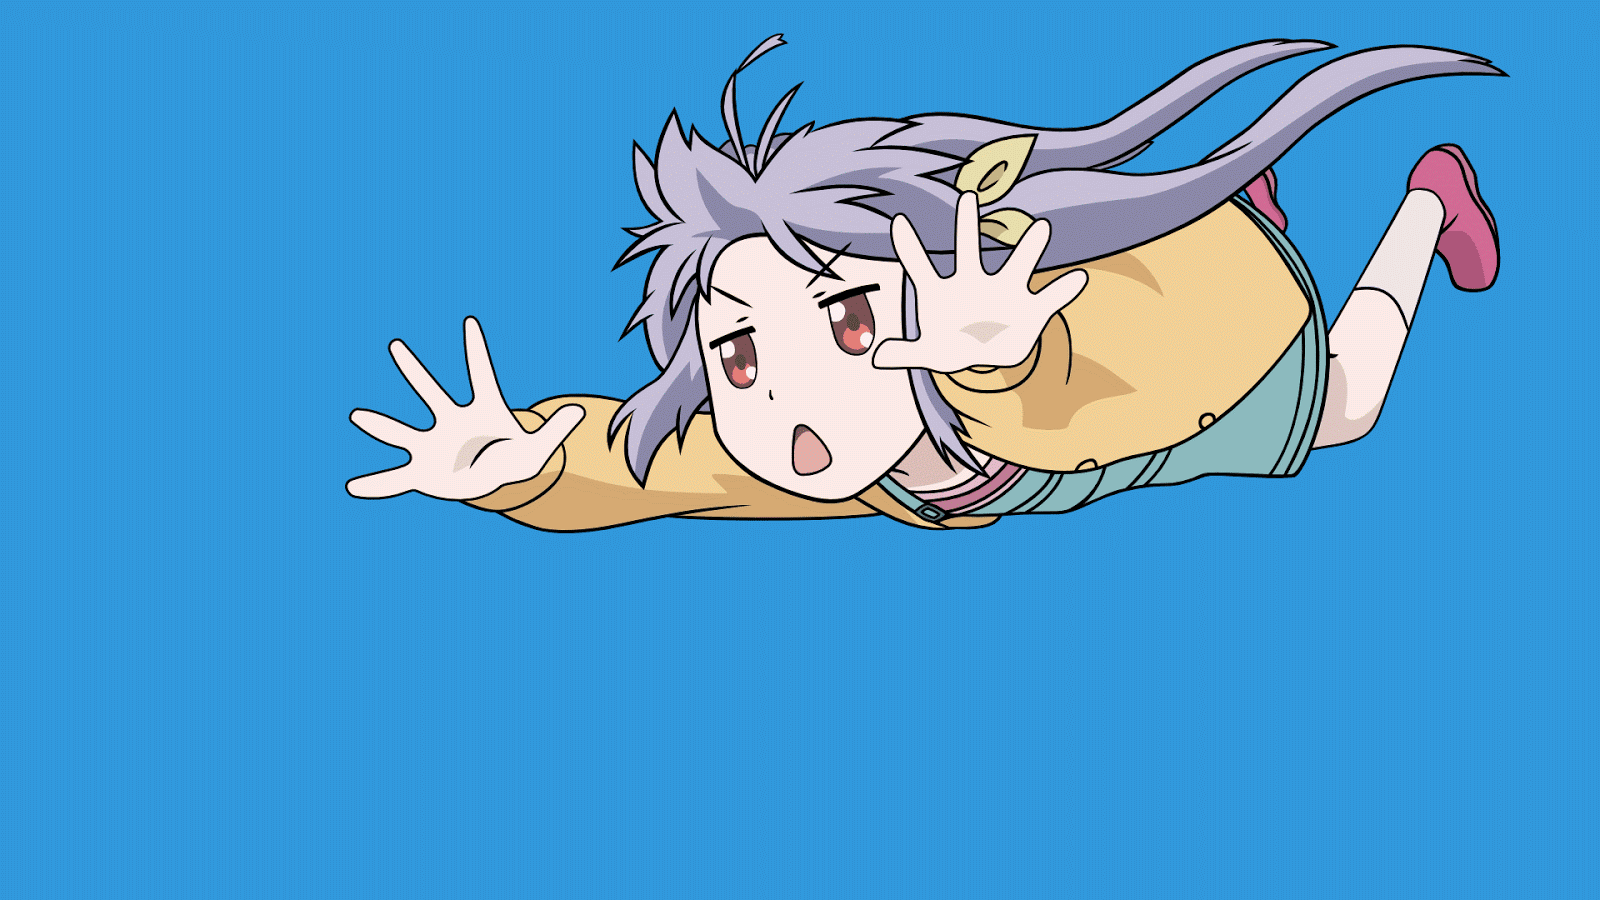 AowVN Non Non%2B%25283%2529 - [ Hình Nền ] Anime Non Non Biyori cực đẹp | Wallpaper